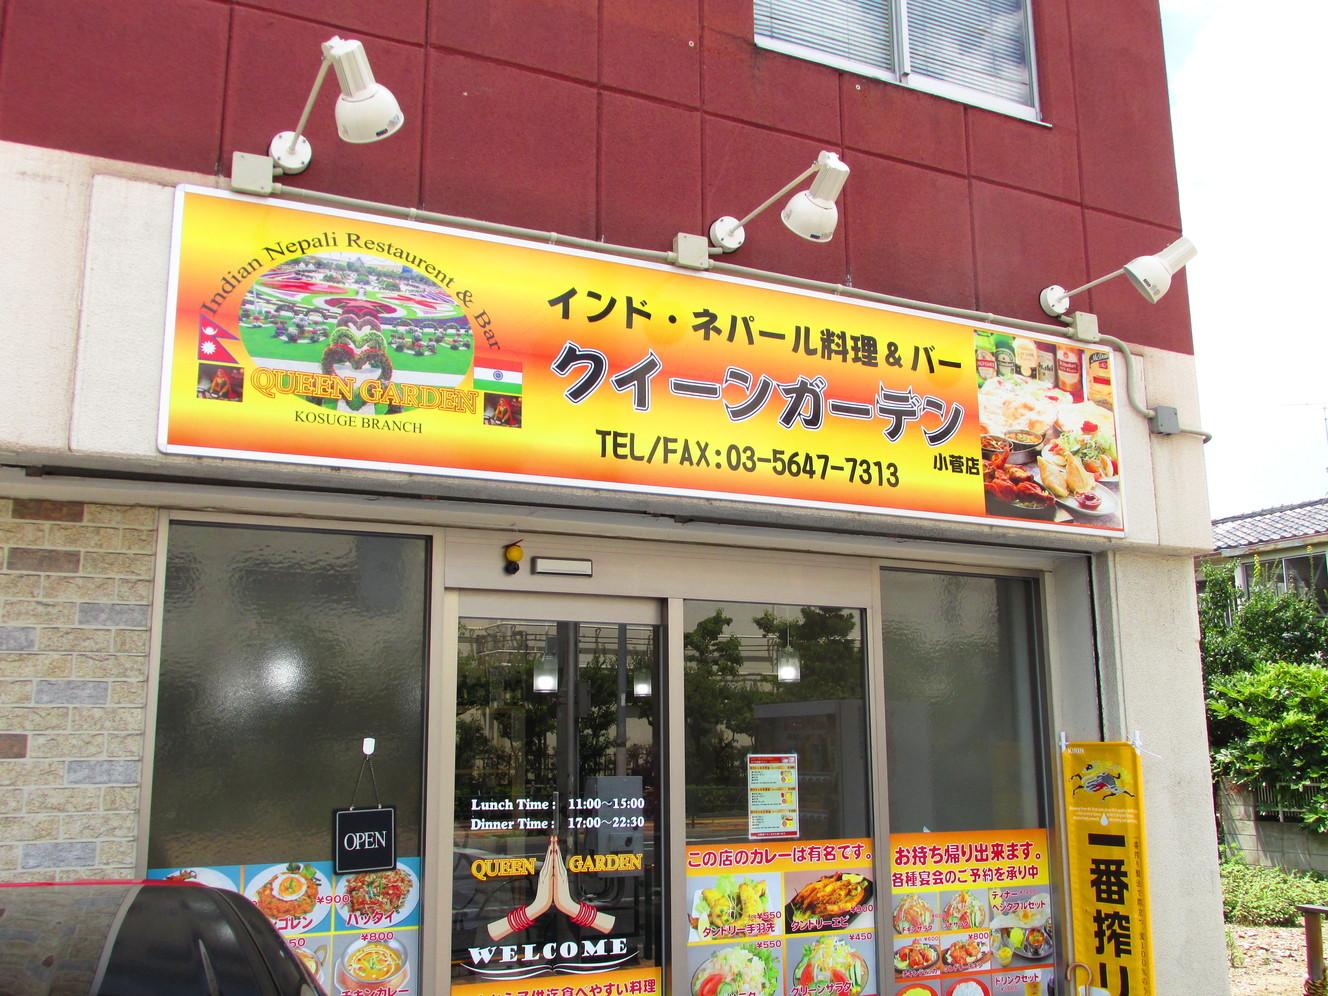 クイーンガーデン 小菅店